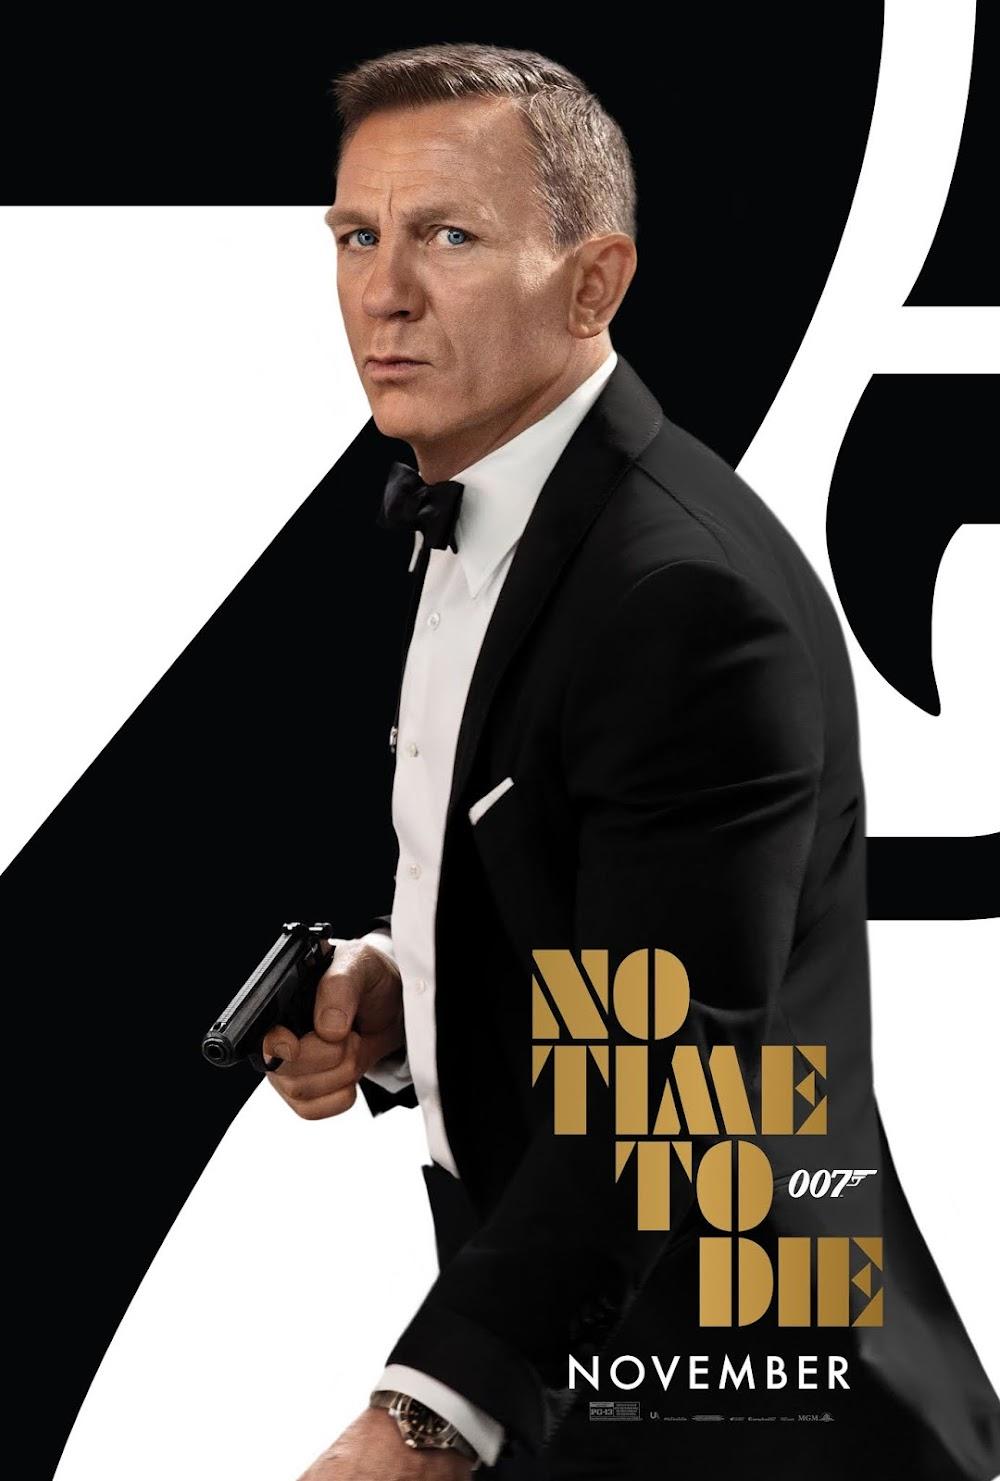 NO TIME TO DIE | Trailer 2 von James Bond 007 mit Daniel Craig